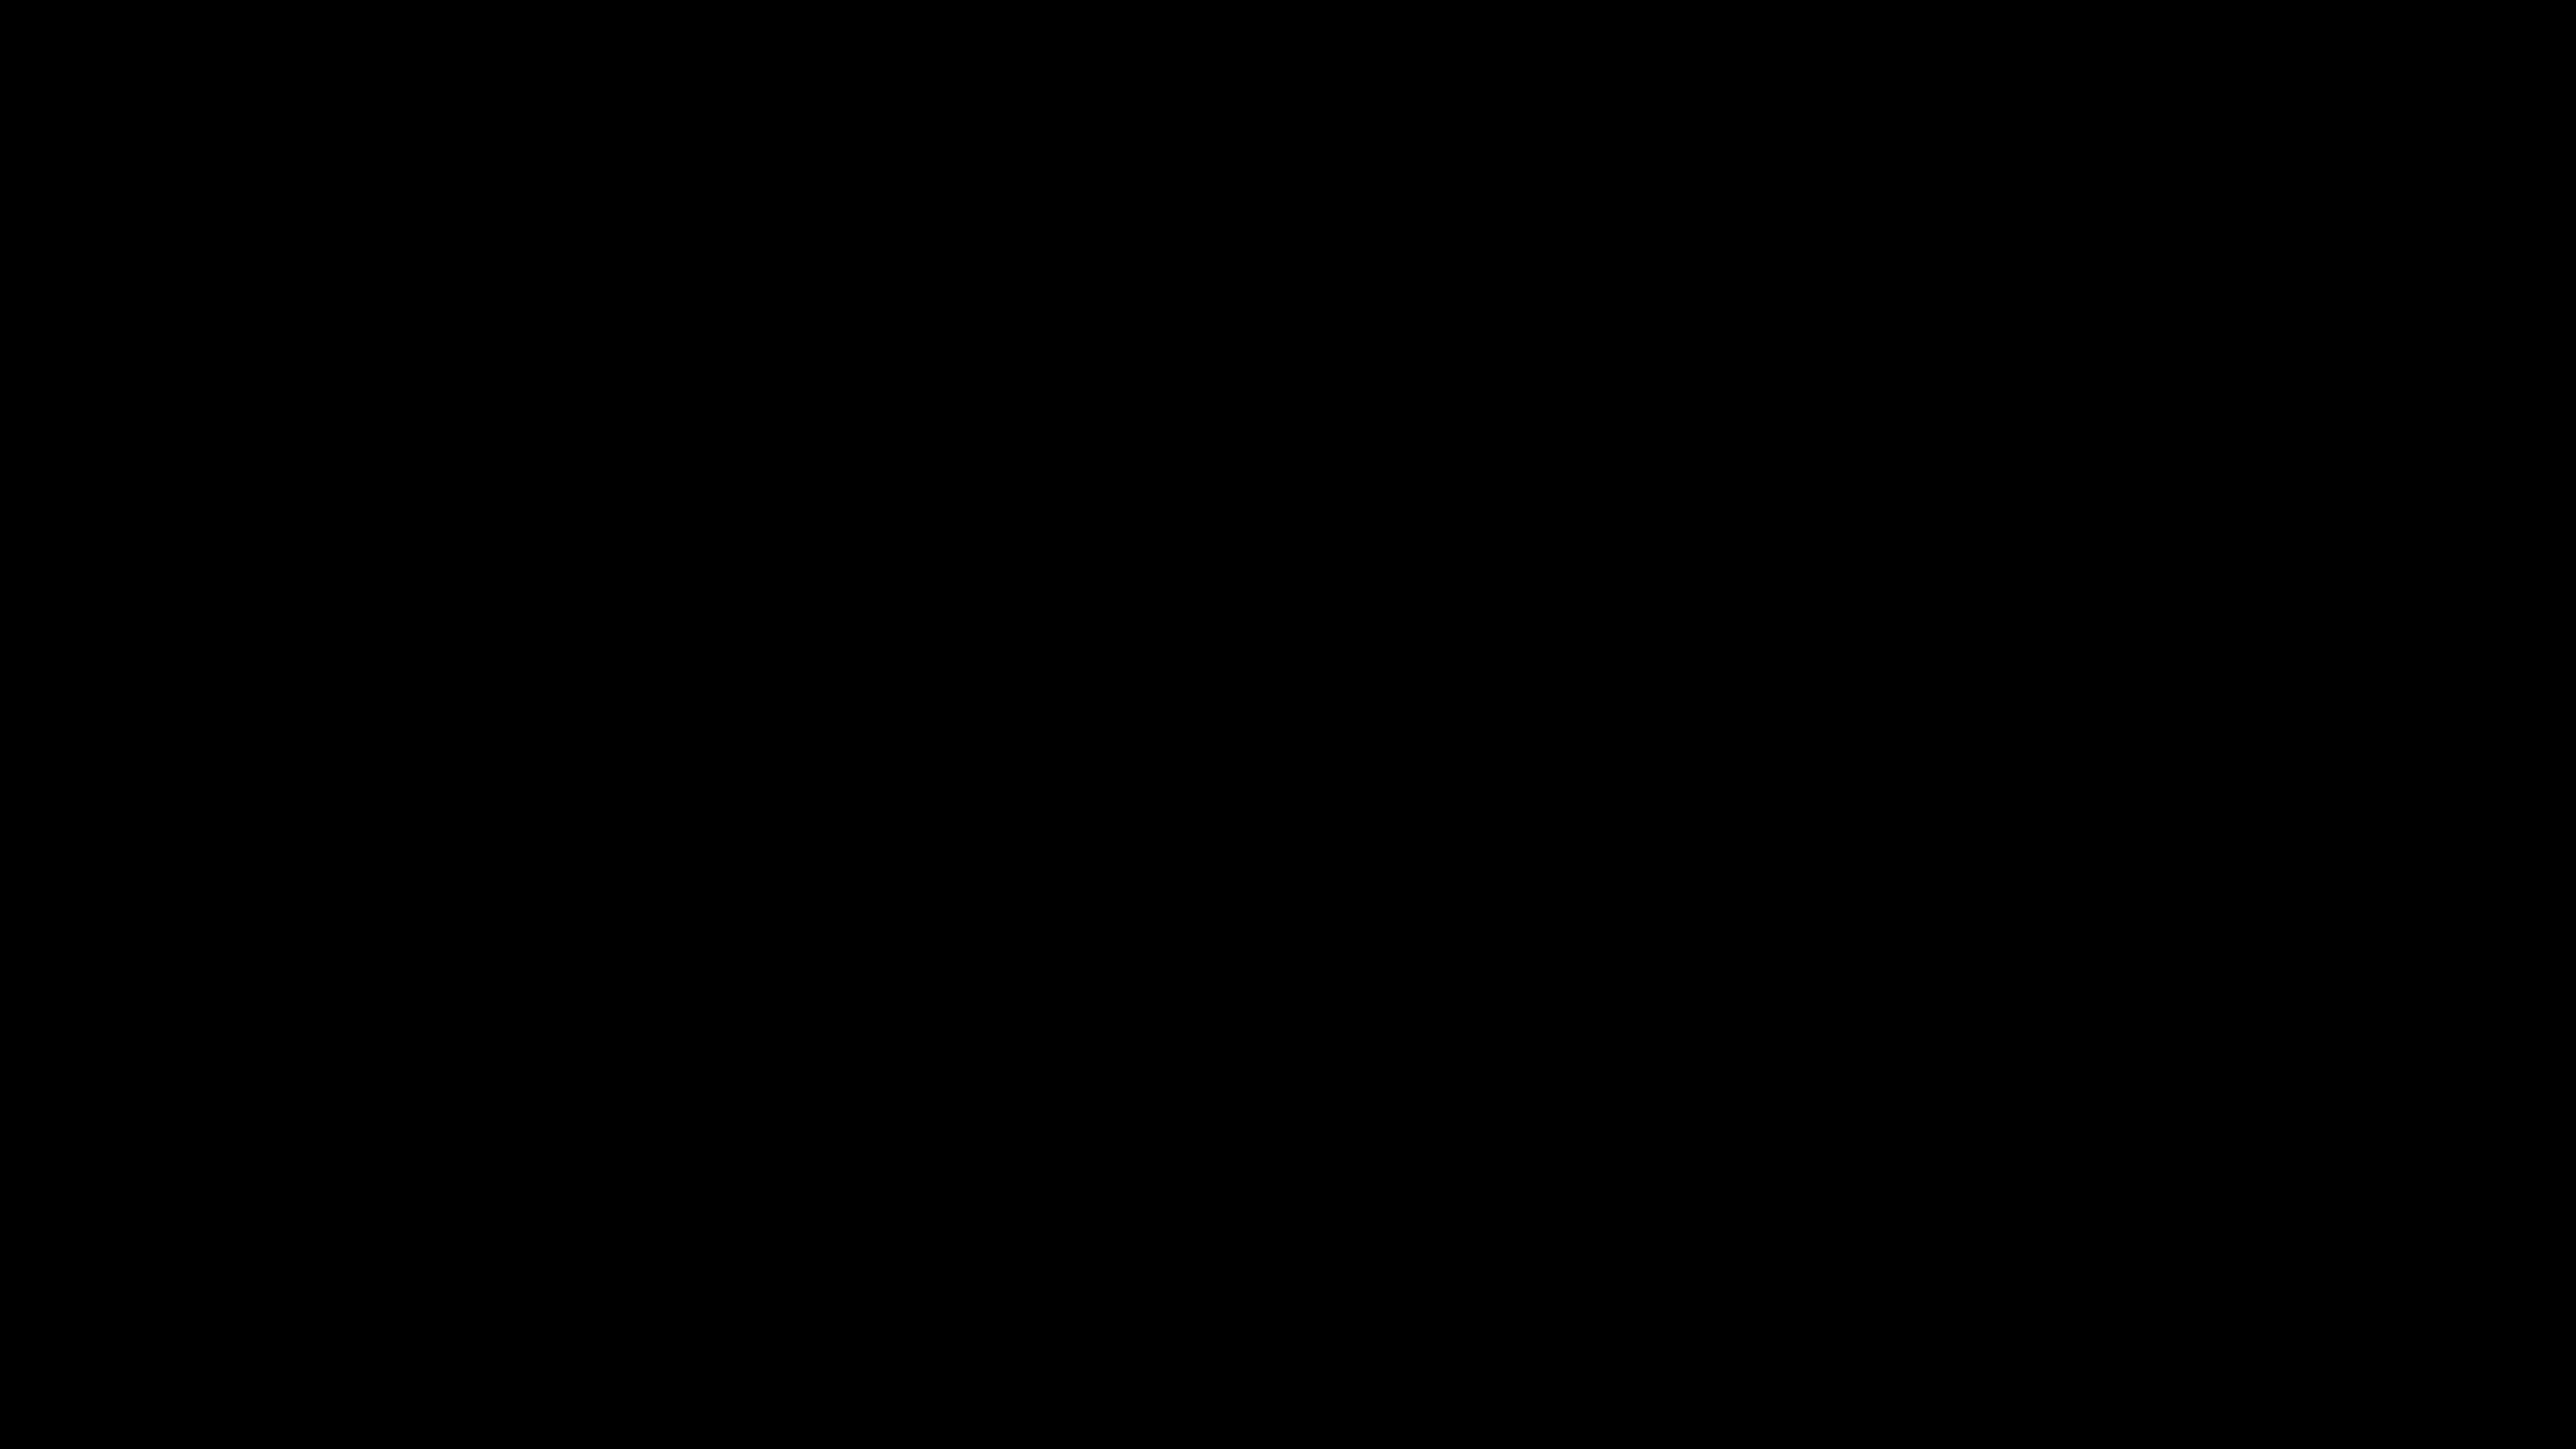 D Car Racing